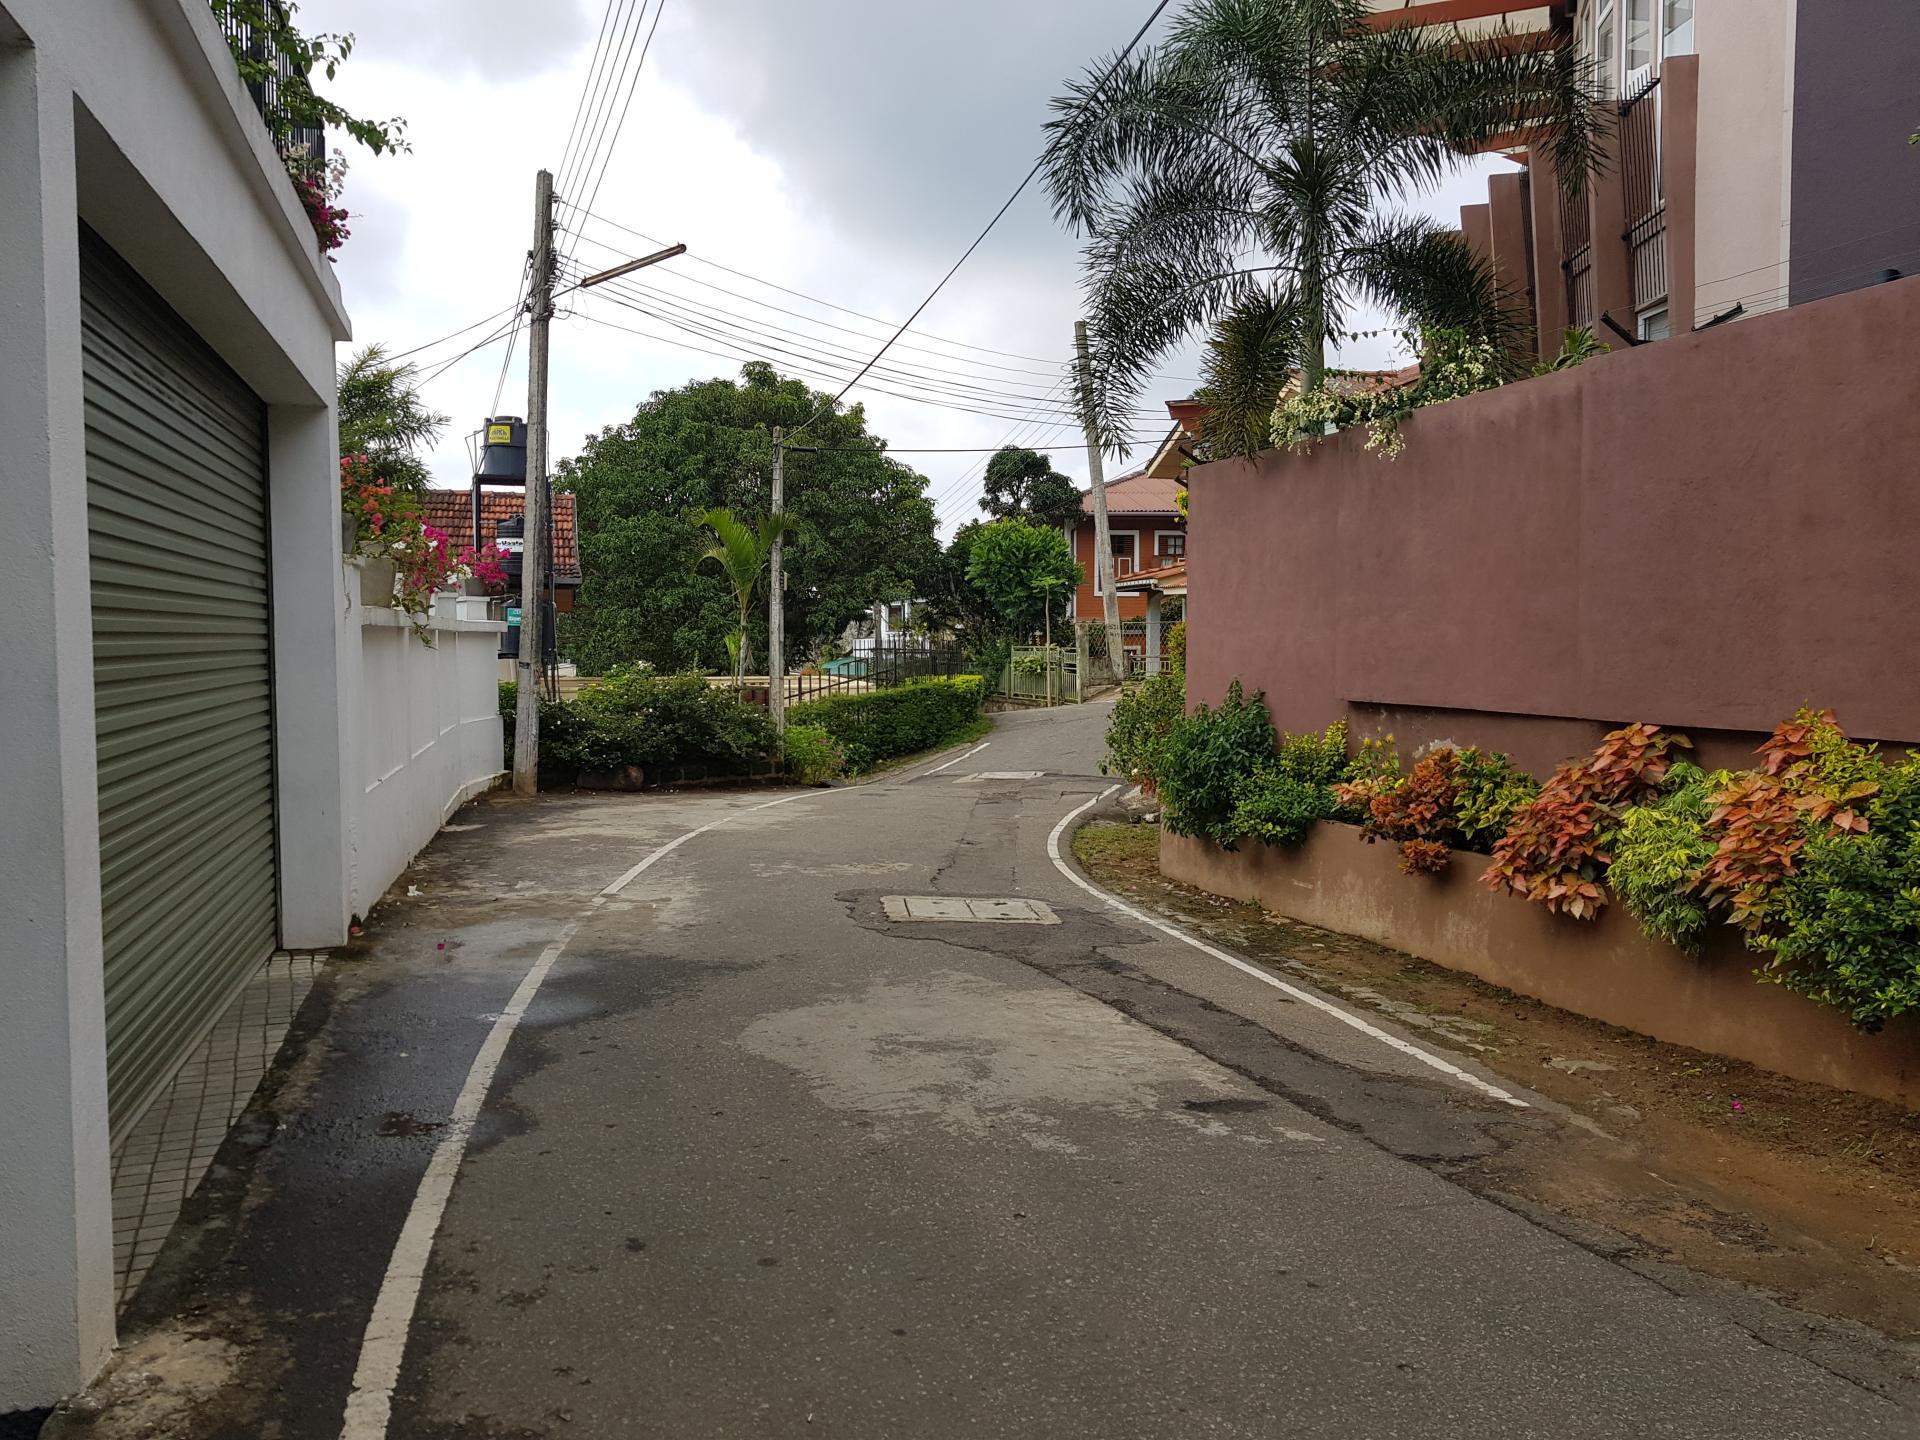 Улица около отеля в Канди